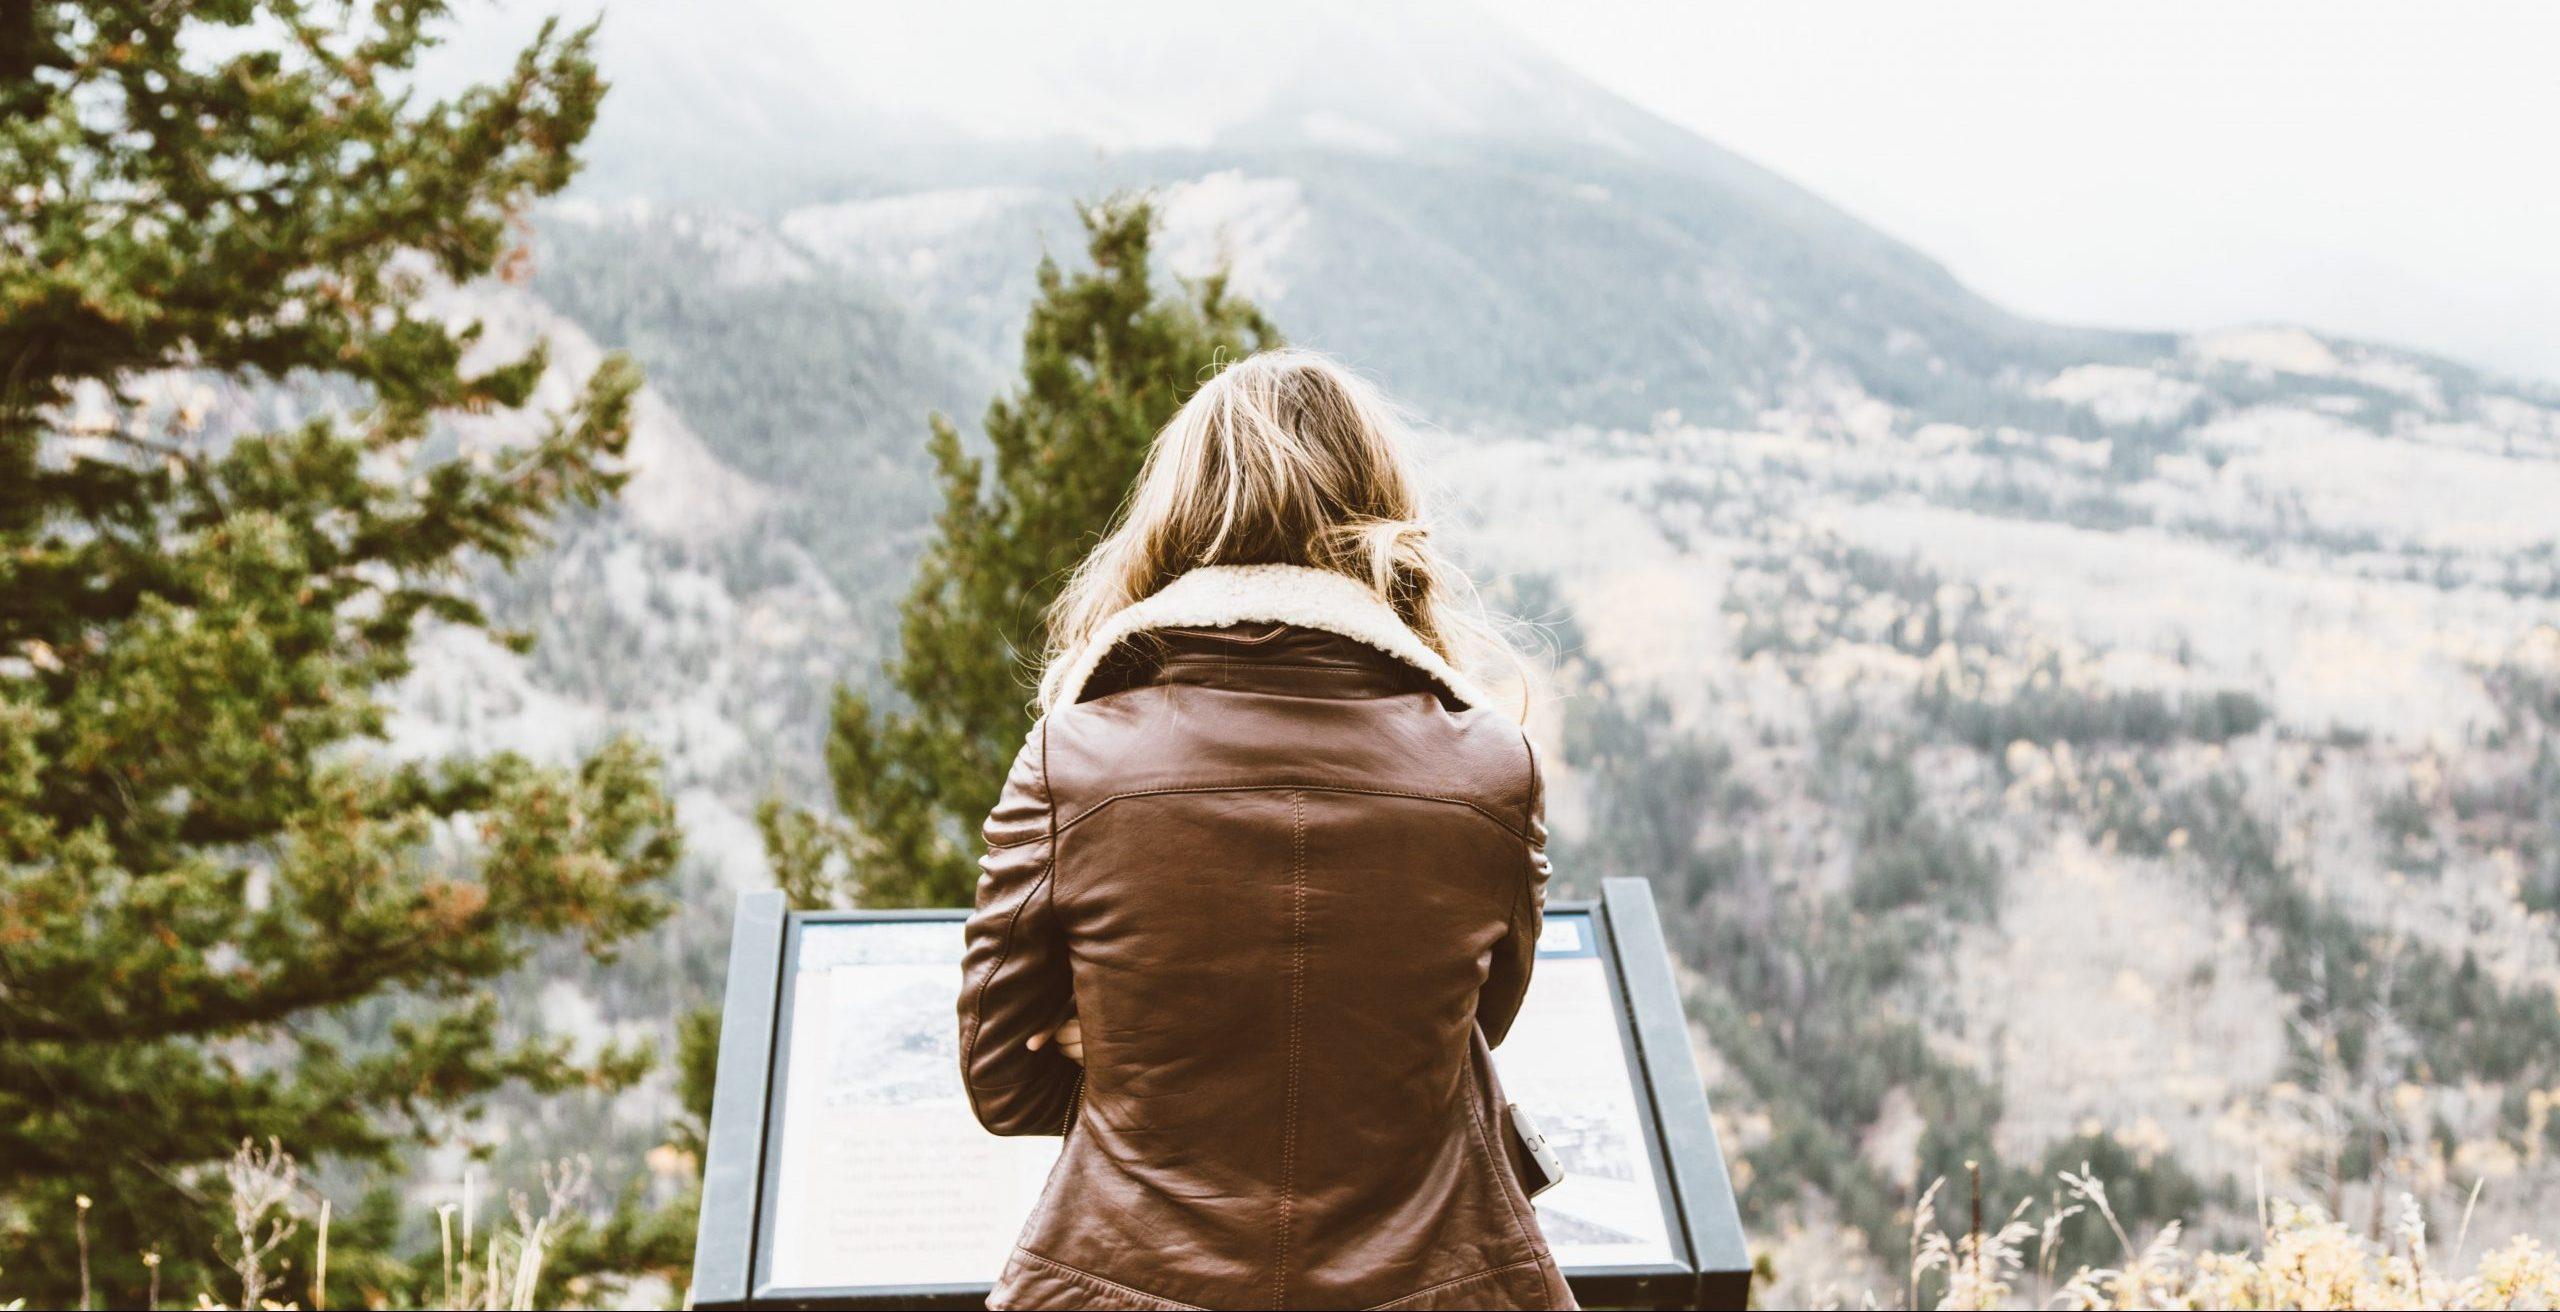 32 éves vagyok, férj és gyerek nélkül – elrontottam valamit?